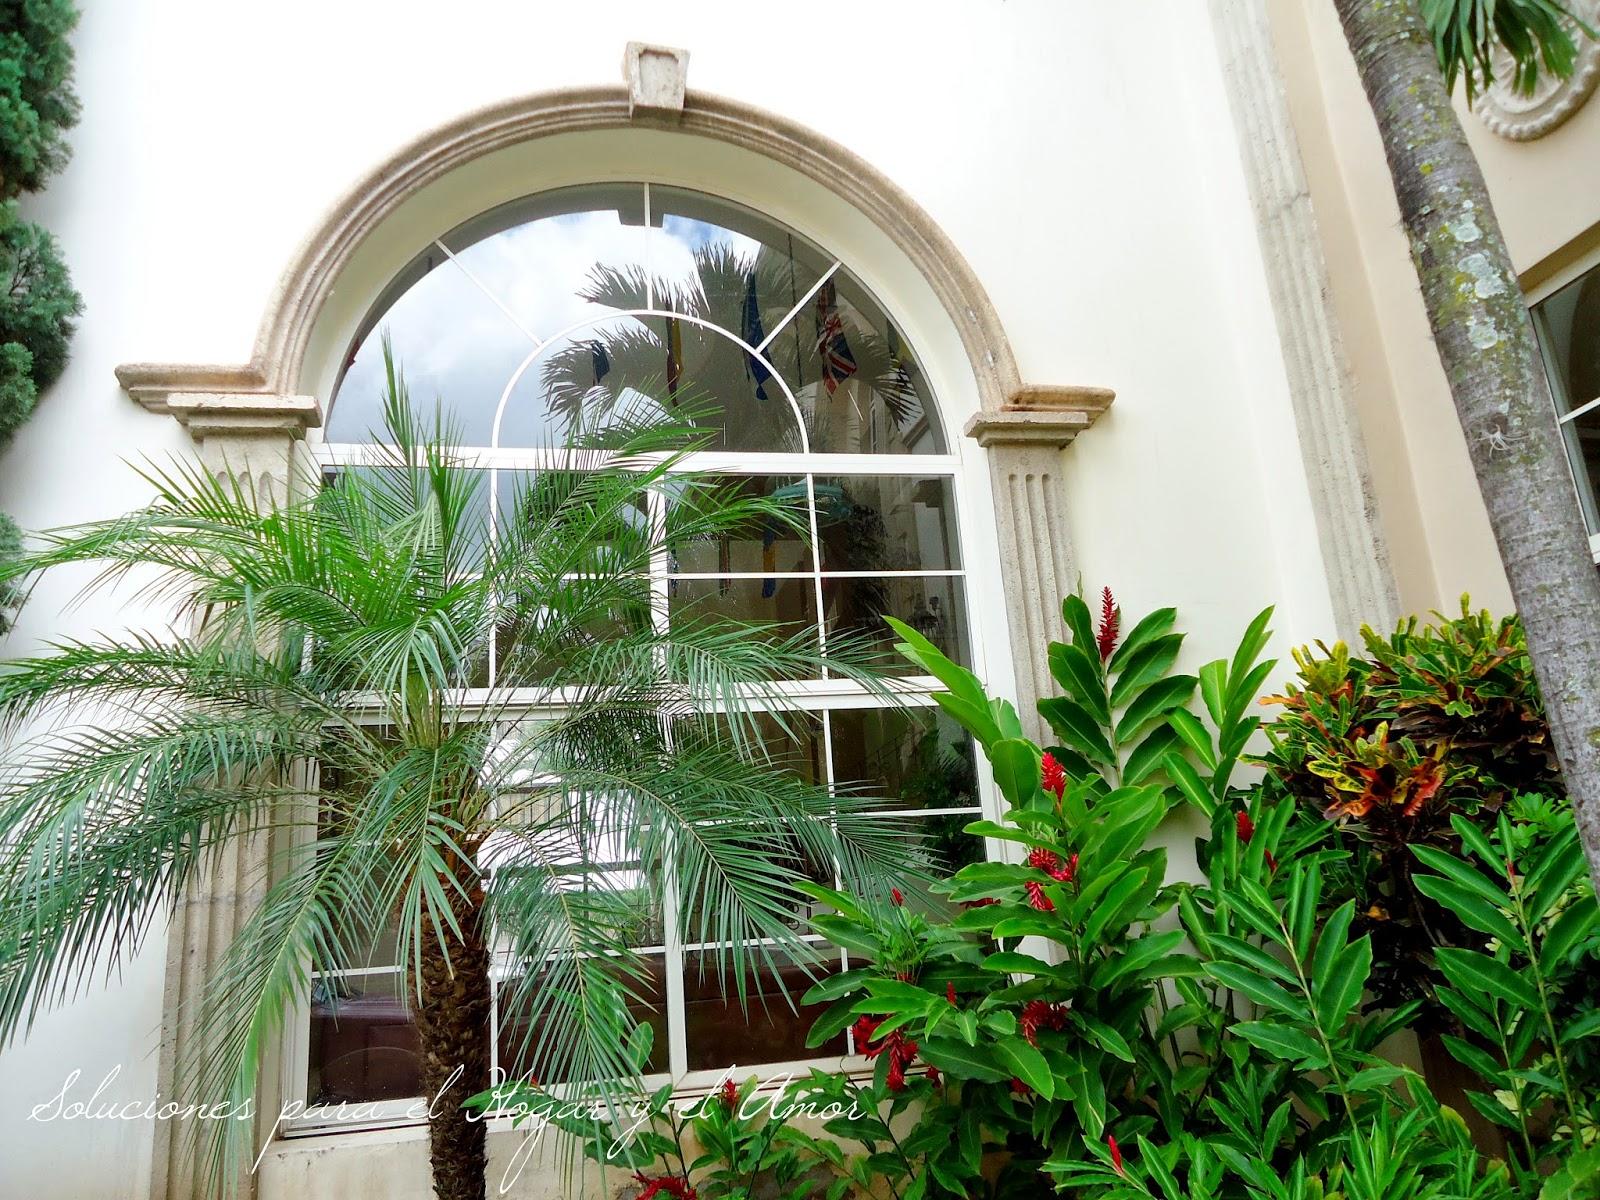 ventana grande, palmera, plantas